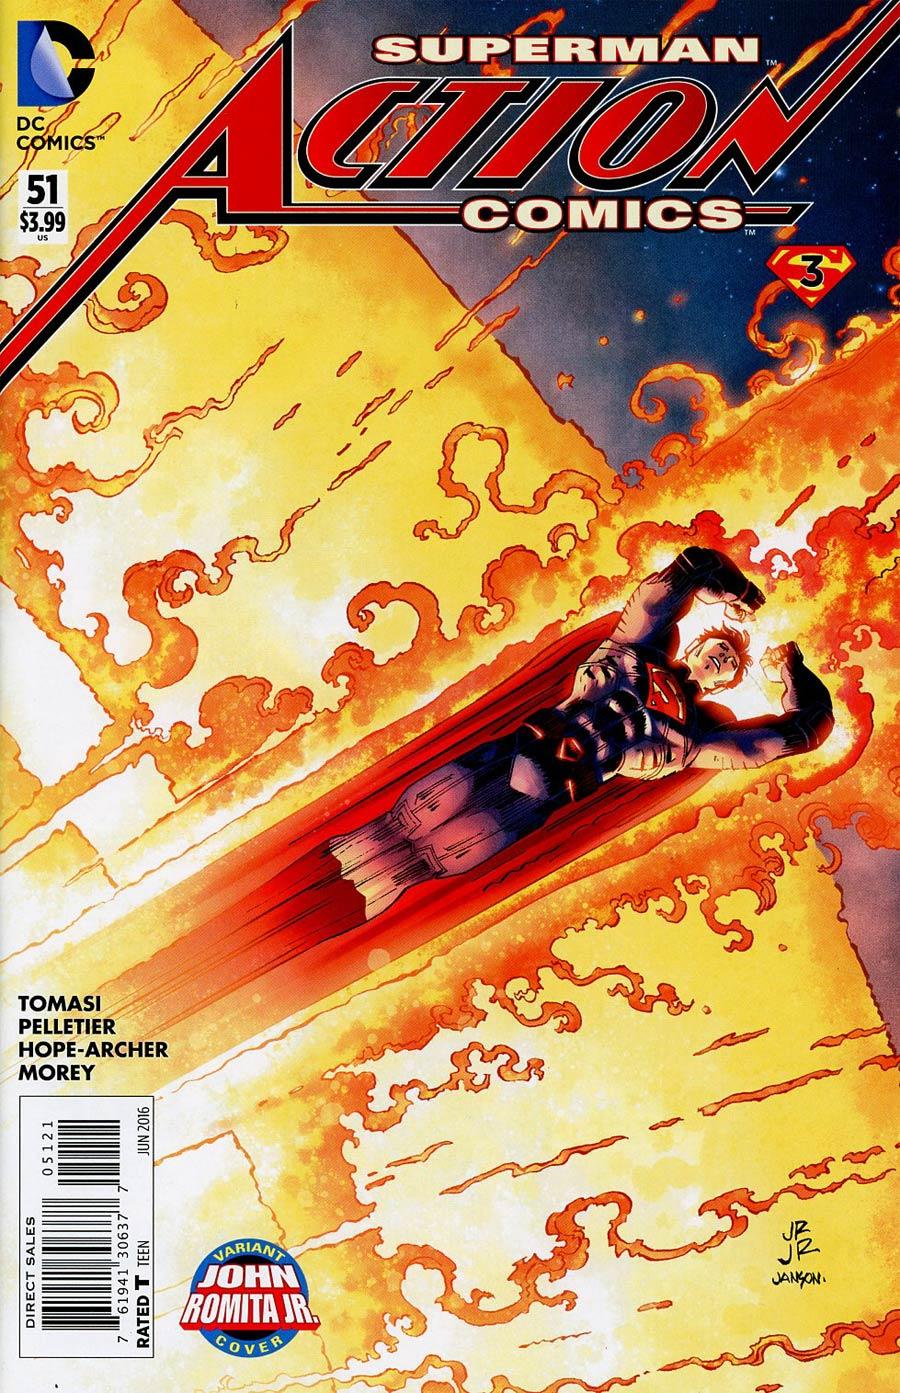 Action Comics Vol 2 #51 Cover B Variant John Romita Jr Cover (Super League Part 3)